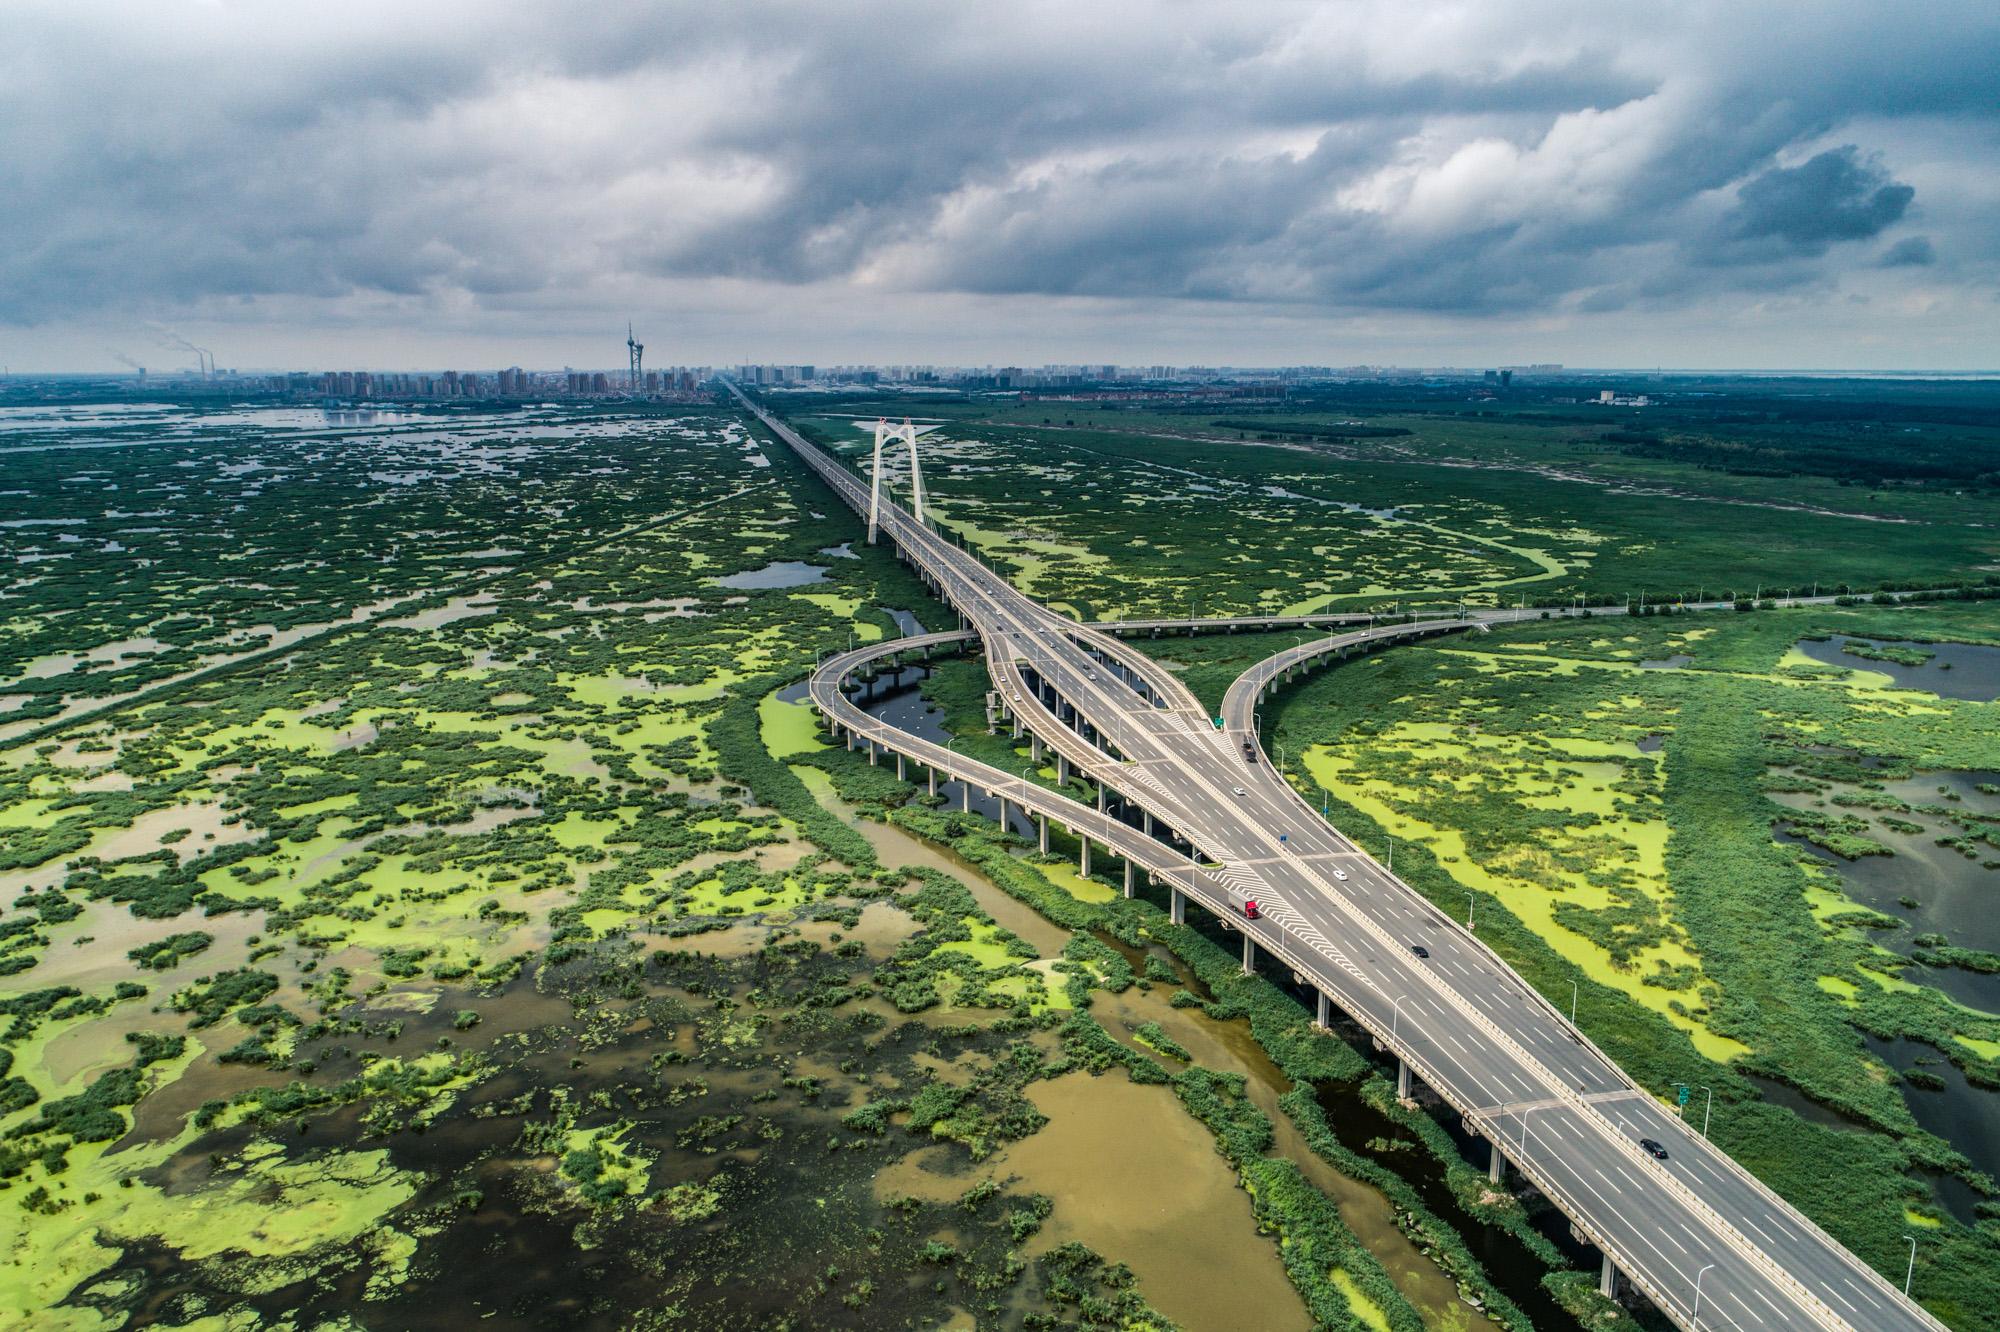 大桥全景2.jpg